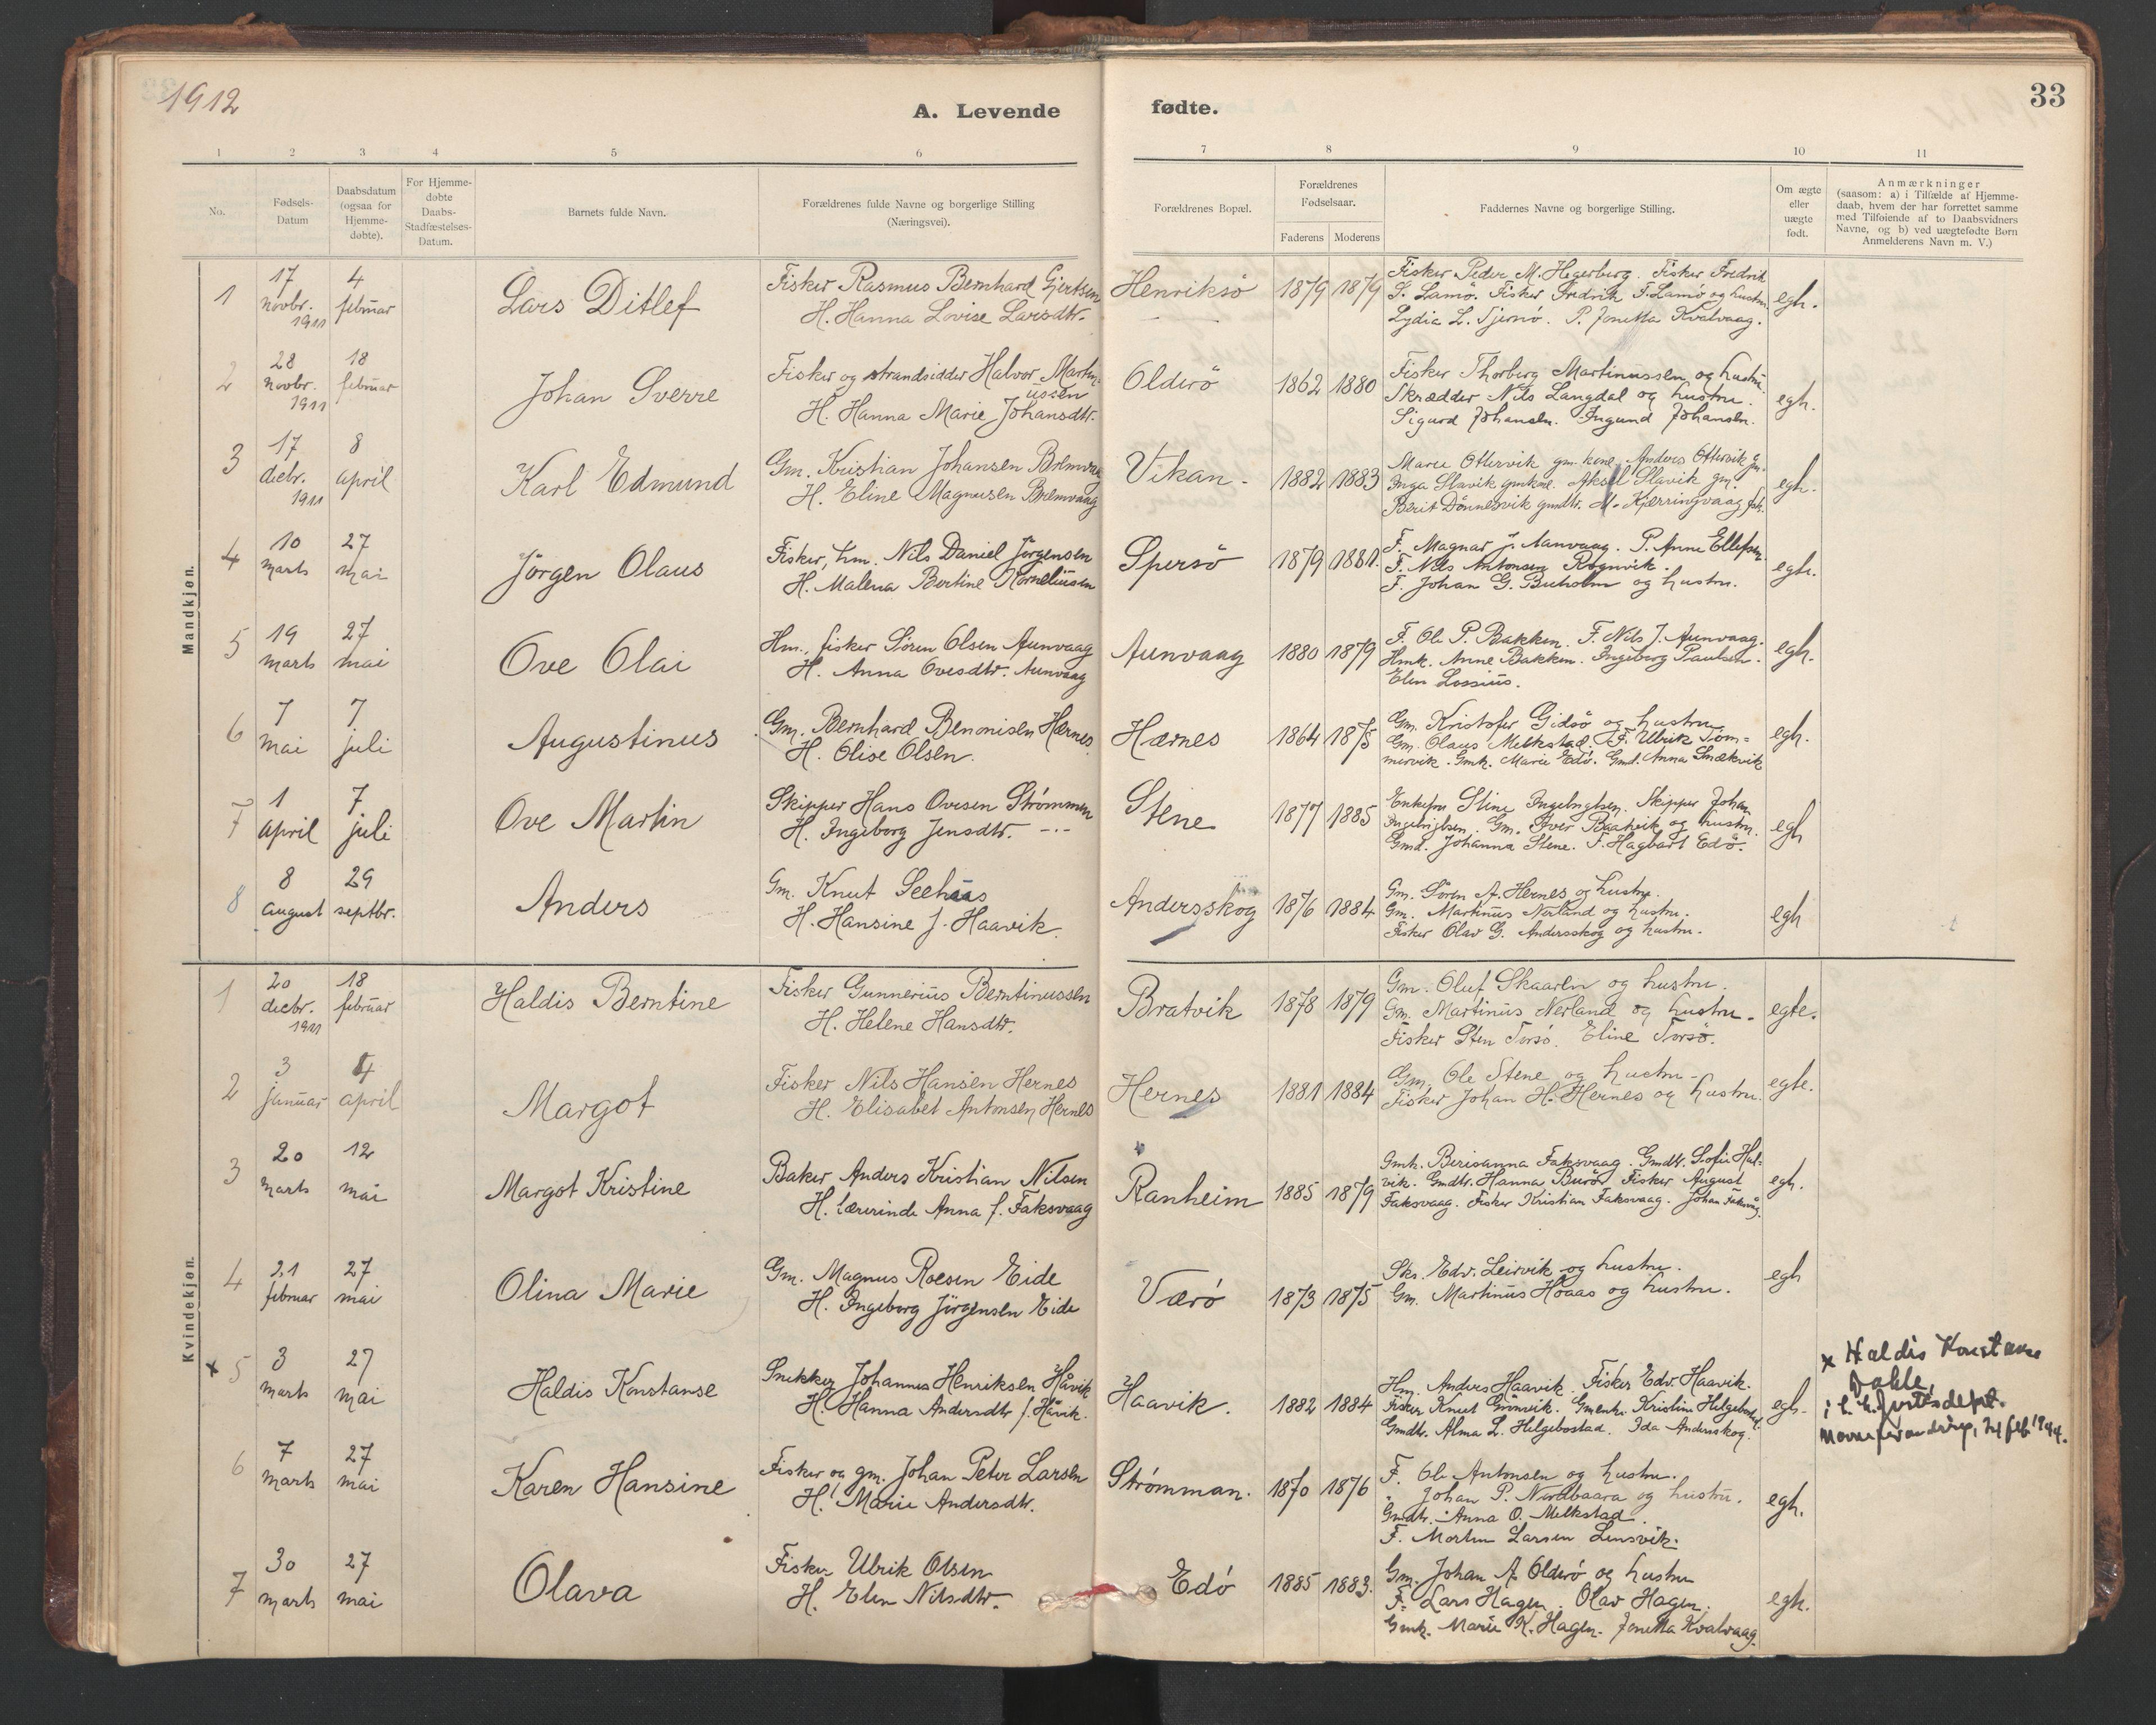 SAT, Ministerialprotokoller, klokkerbøker og fødselsregistre - Sør-Trøndelag, 635/L0552: Ministerialbok nr. 635A02, 1899-1919, s. 33